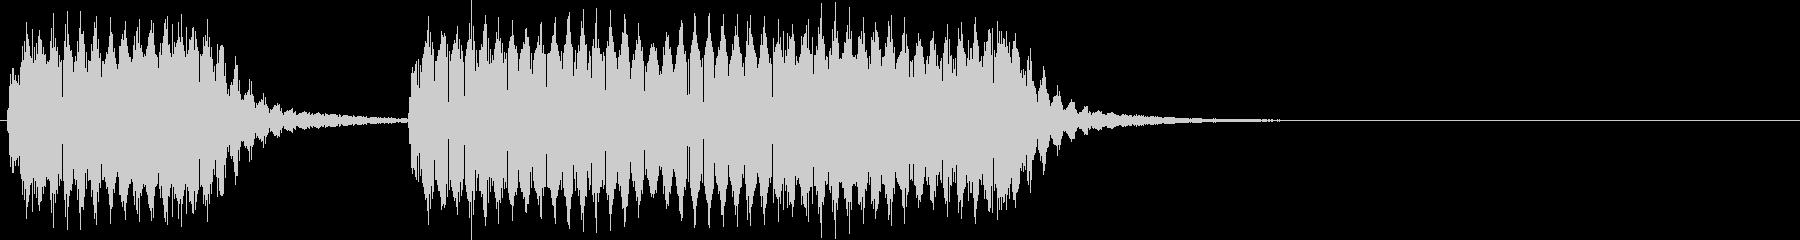 プップー。クラクション(2連)の未再生の波形